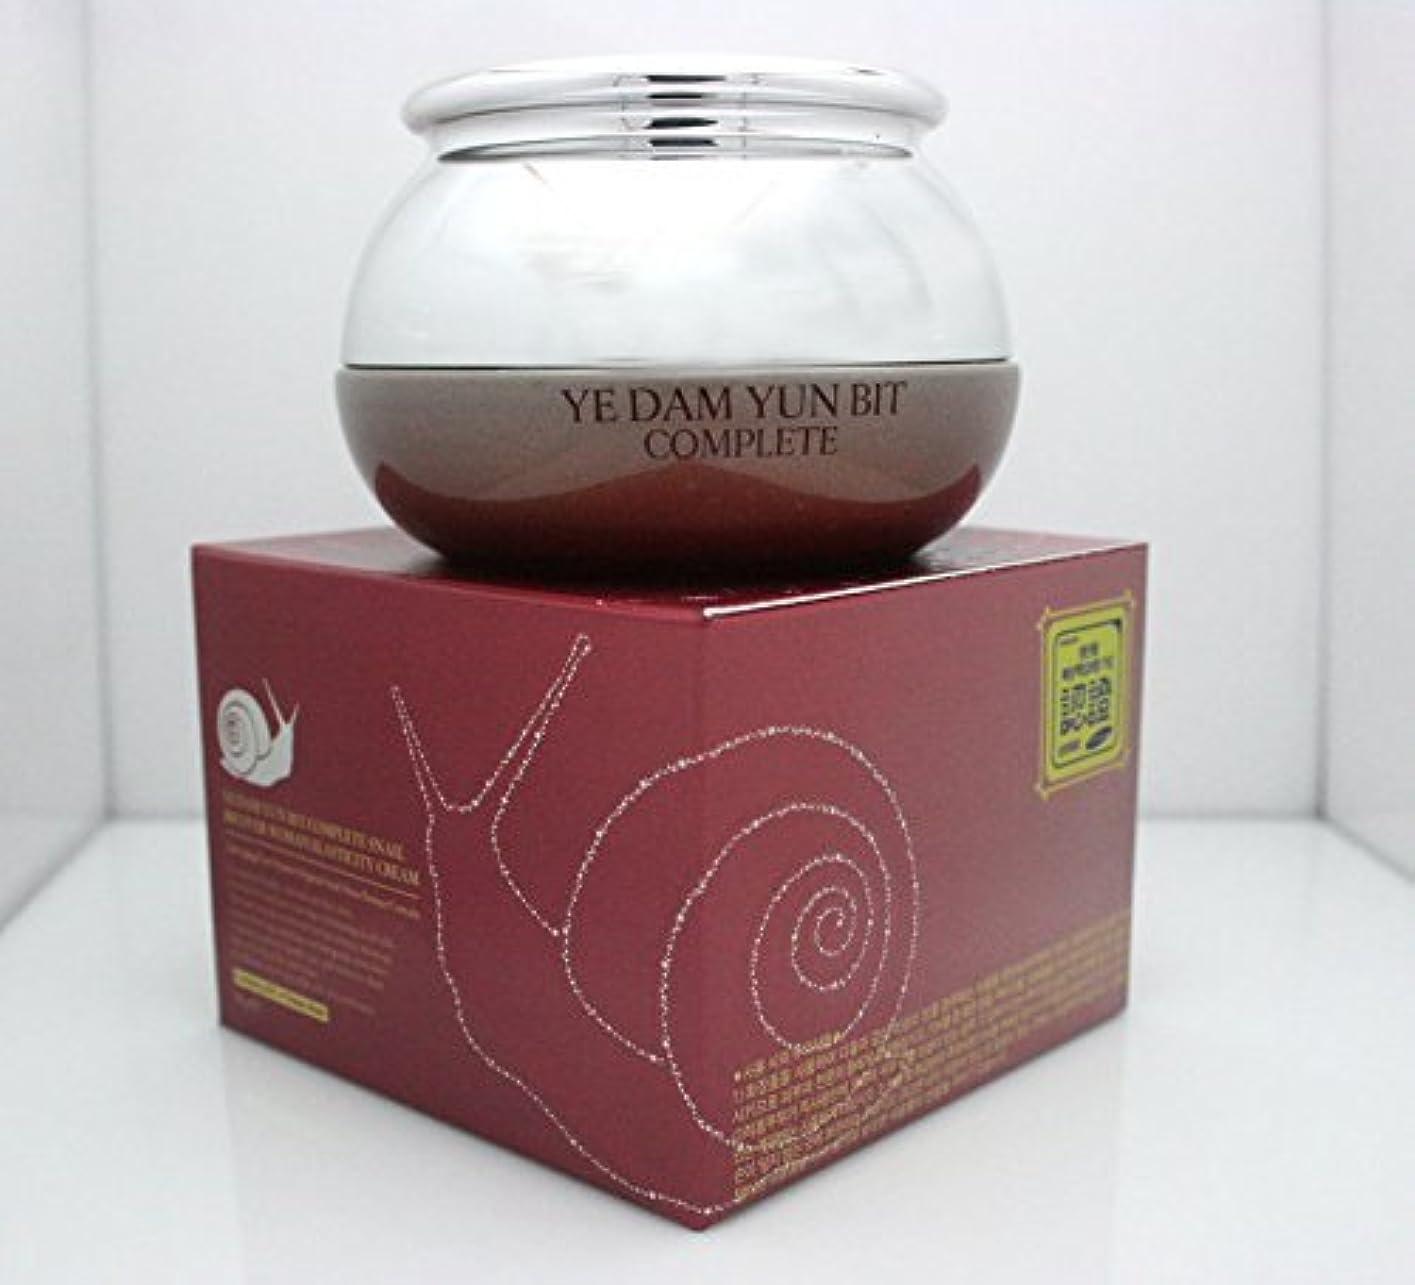 認識ベーカリー省[YEDAM YUNBIT] 完全なカタツムリ?リフト?リフティング?クリーム50g/韓国化粧品/Complete Snail Recover Lifting Cream 50g/Korean cosmetics [並行輸入品]